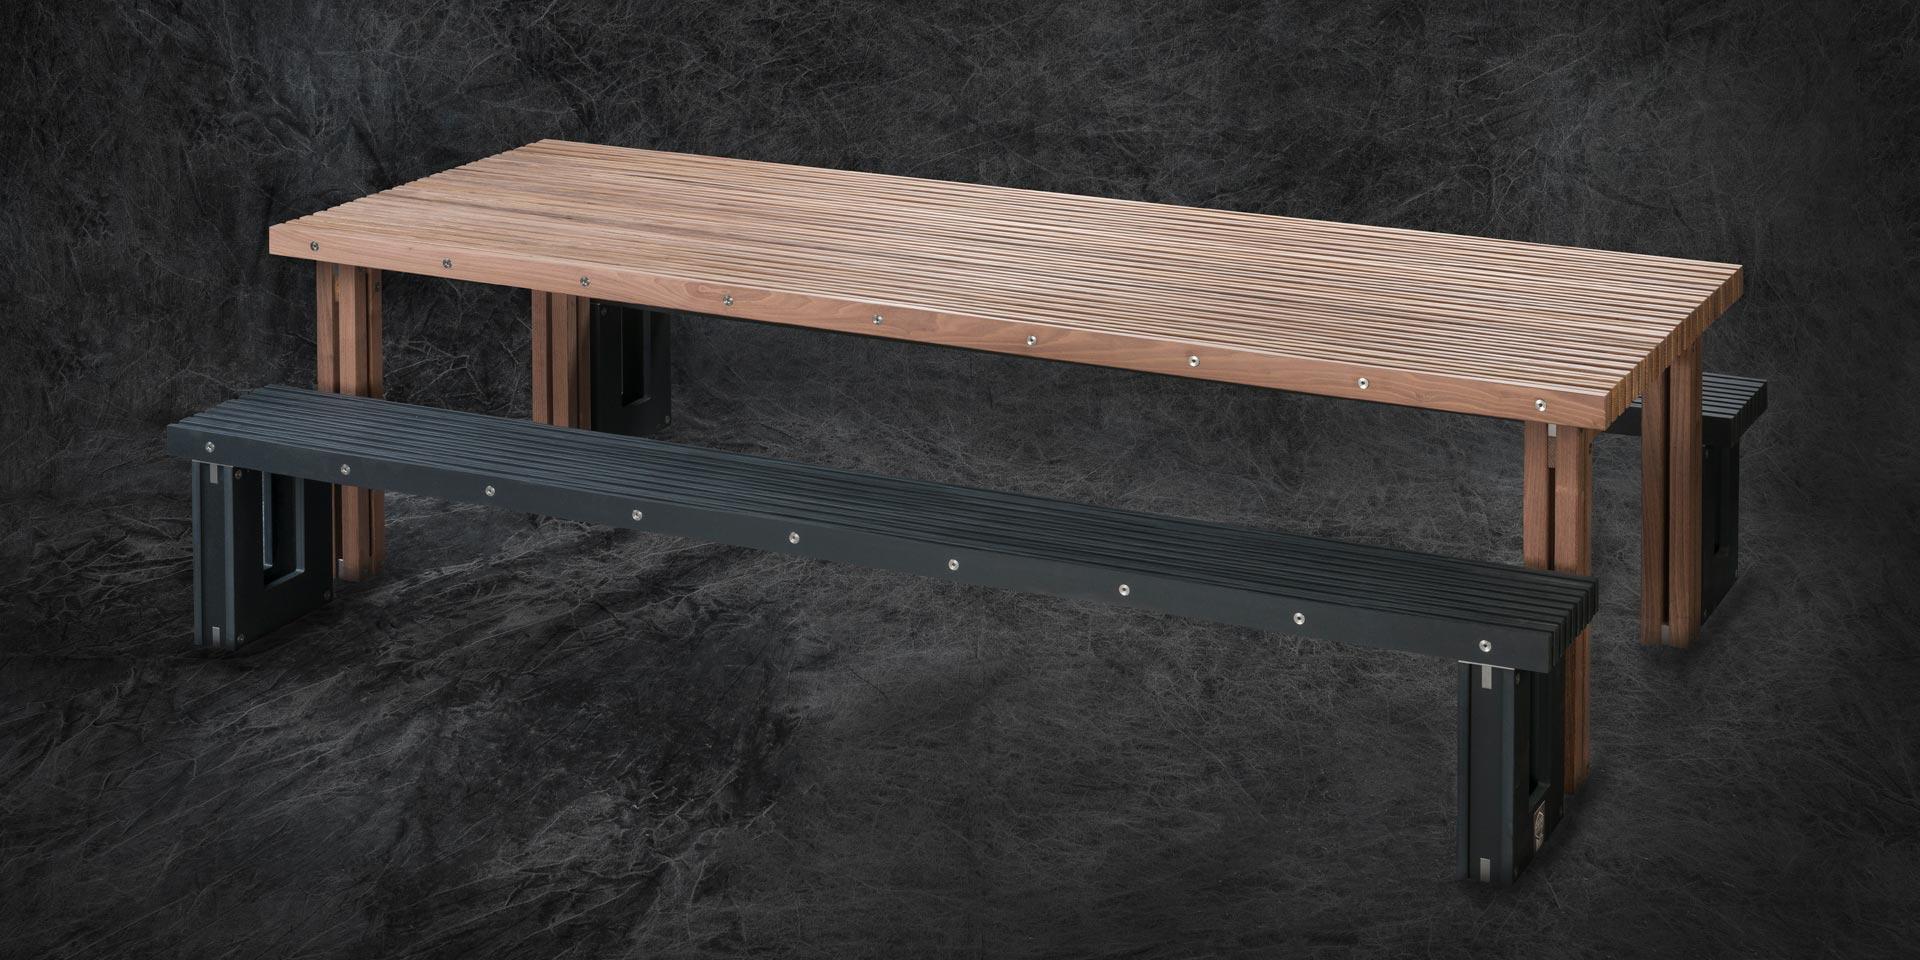 E-mobilier-zebr-mea-17_04006